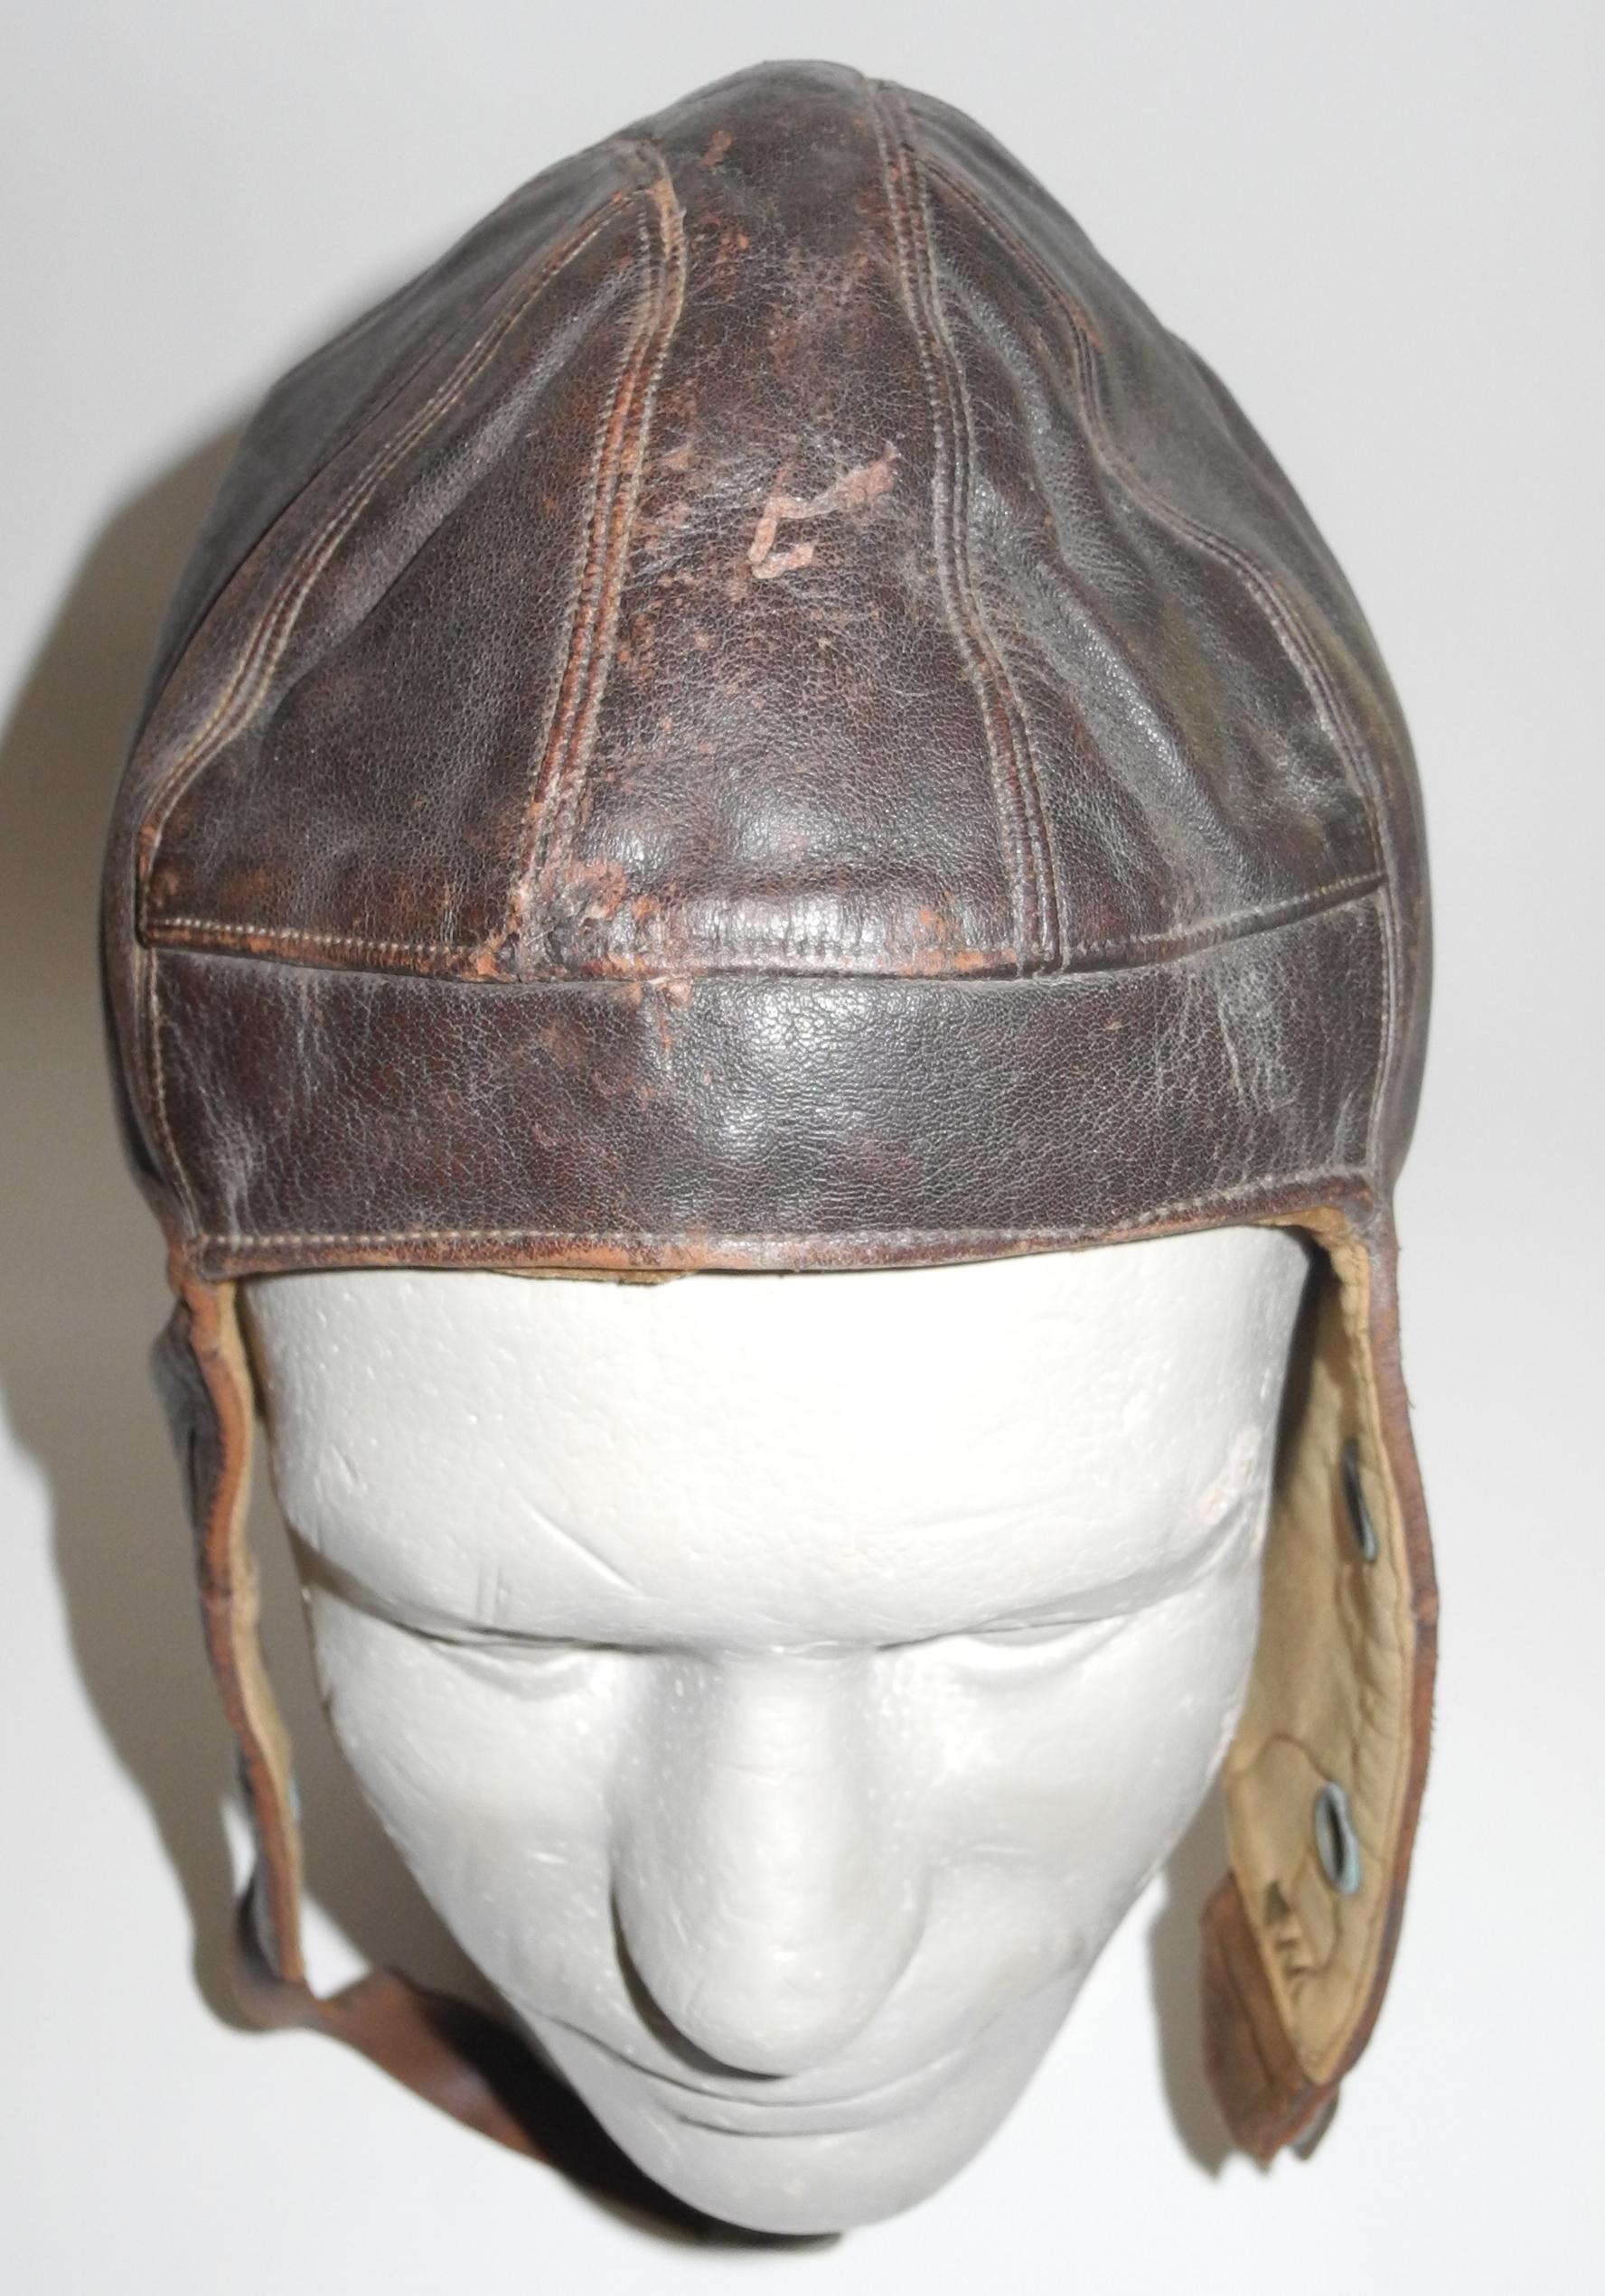 RAF Type B helmet, no ears